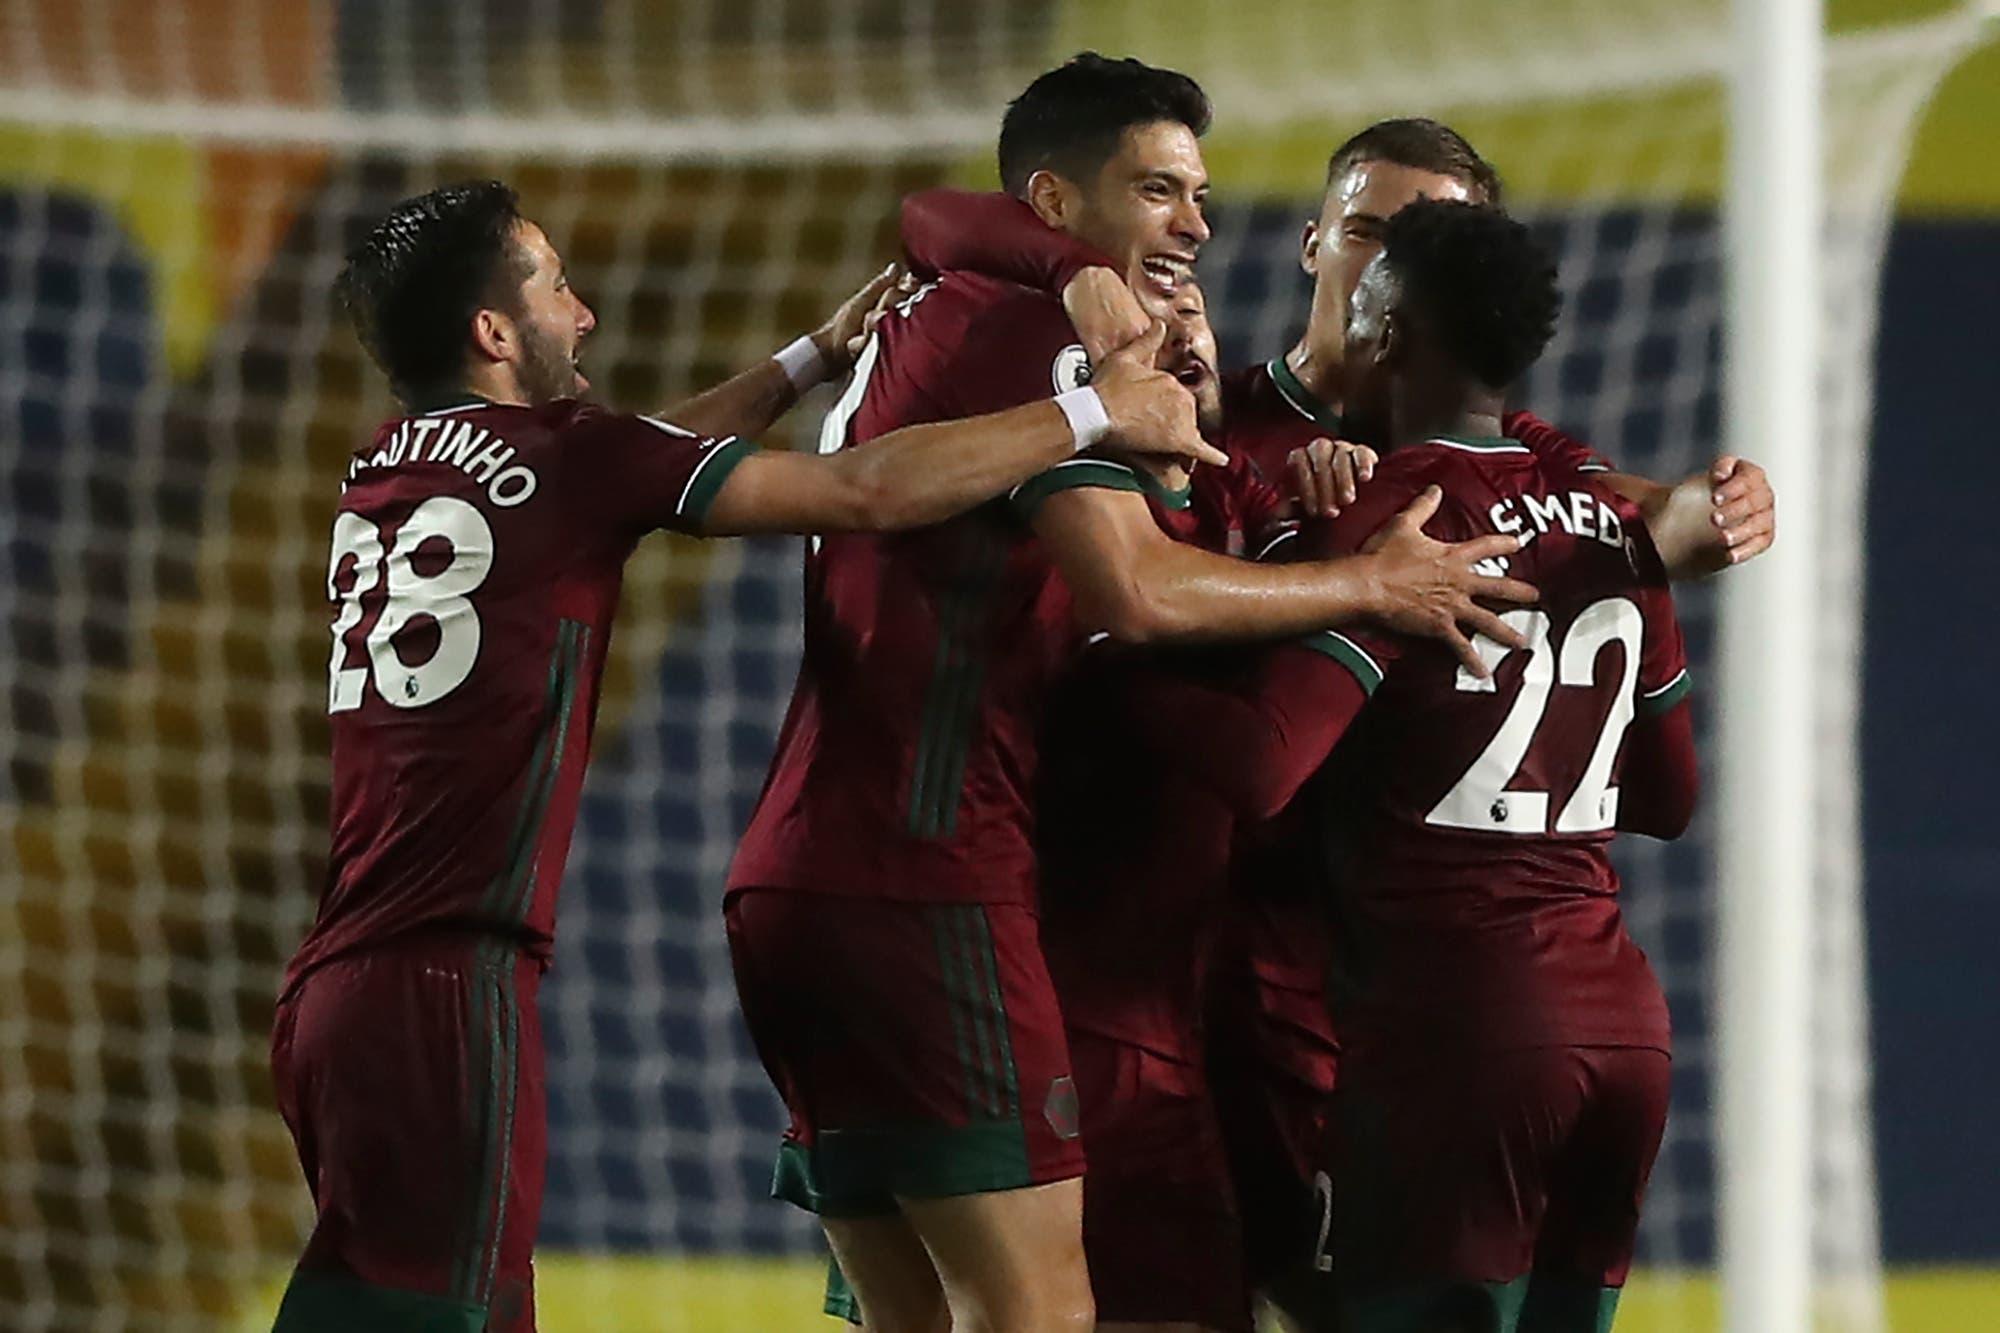 Leeds United-Wolverhampton: el equipo de Marcelo Bielsa cayó en Ellan Road y se aleja de los primeros lugares de la Premier League